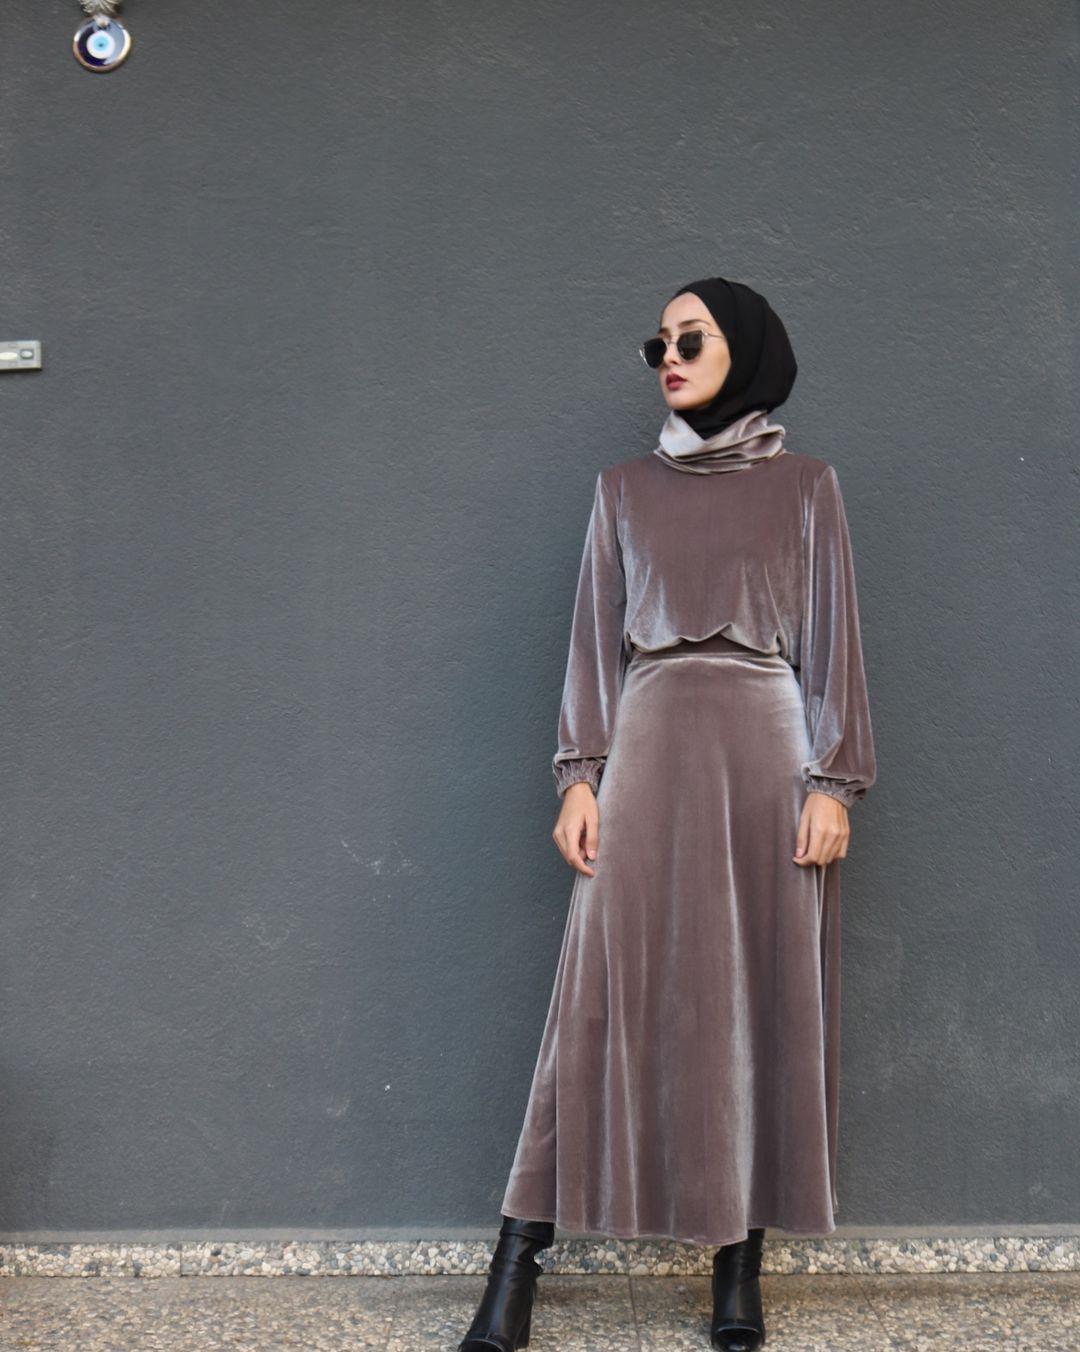 Kadife Takim Yarim Klos Etek Balikci Yaka Bluz Seklindedir Bluz Boy 55cm Etek Boy 95cm Renkle Klos Etek Kadife Giyim